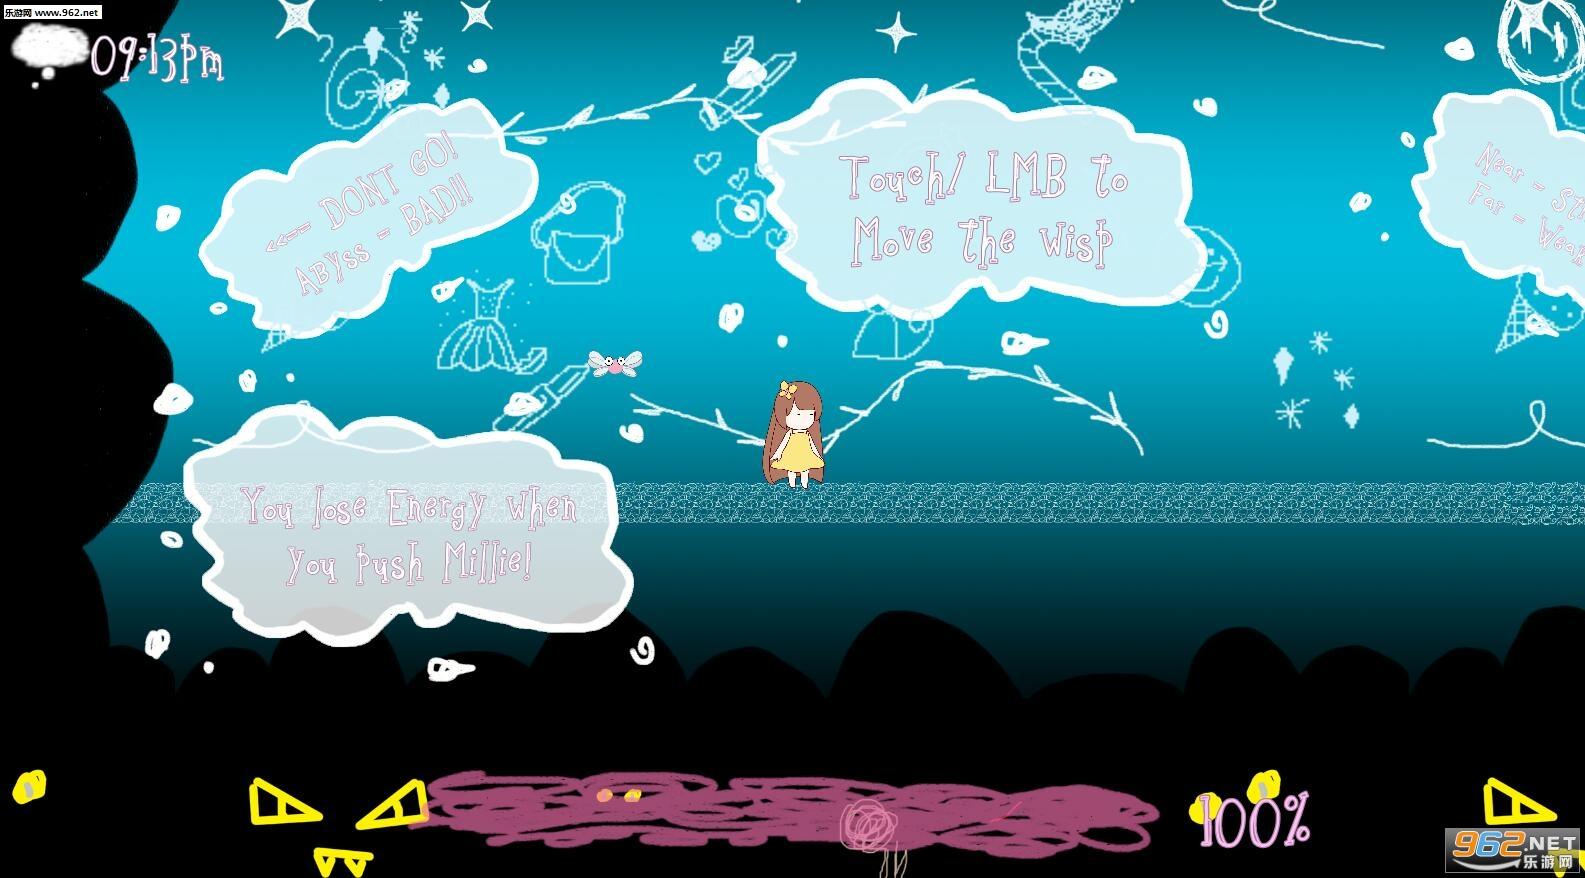 女孩、小精灵、和梦安卓版v0.01(Girl Wisp Dream)截图0